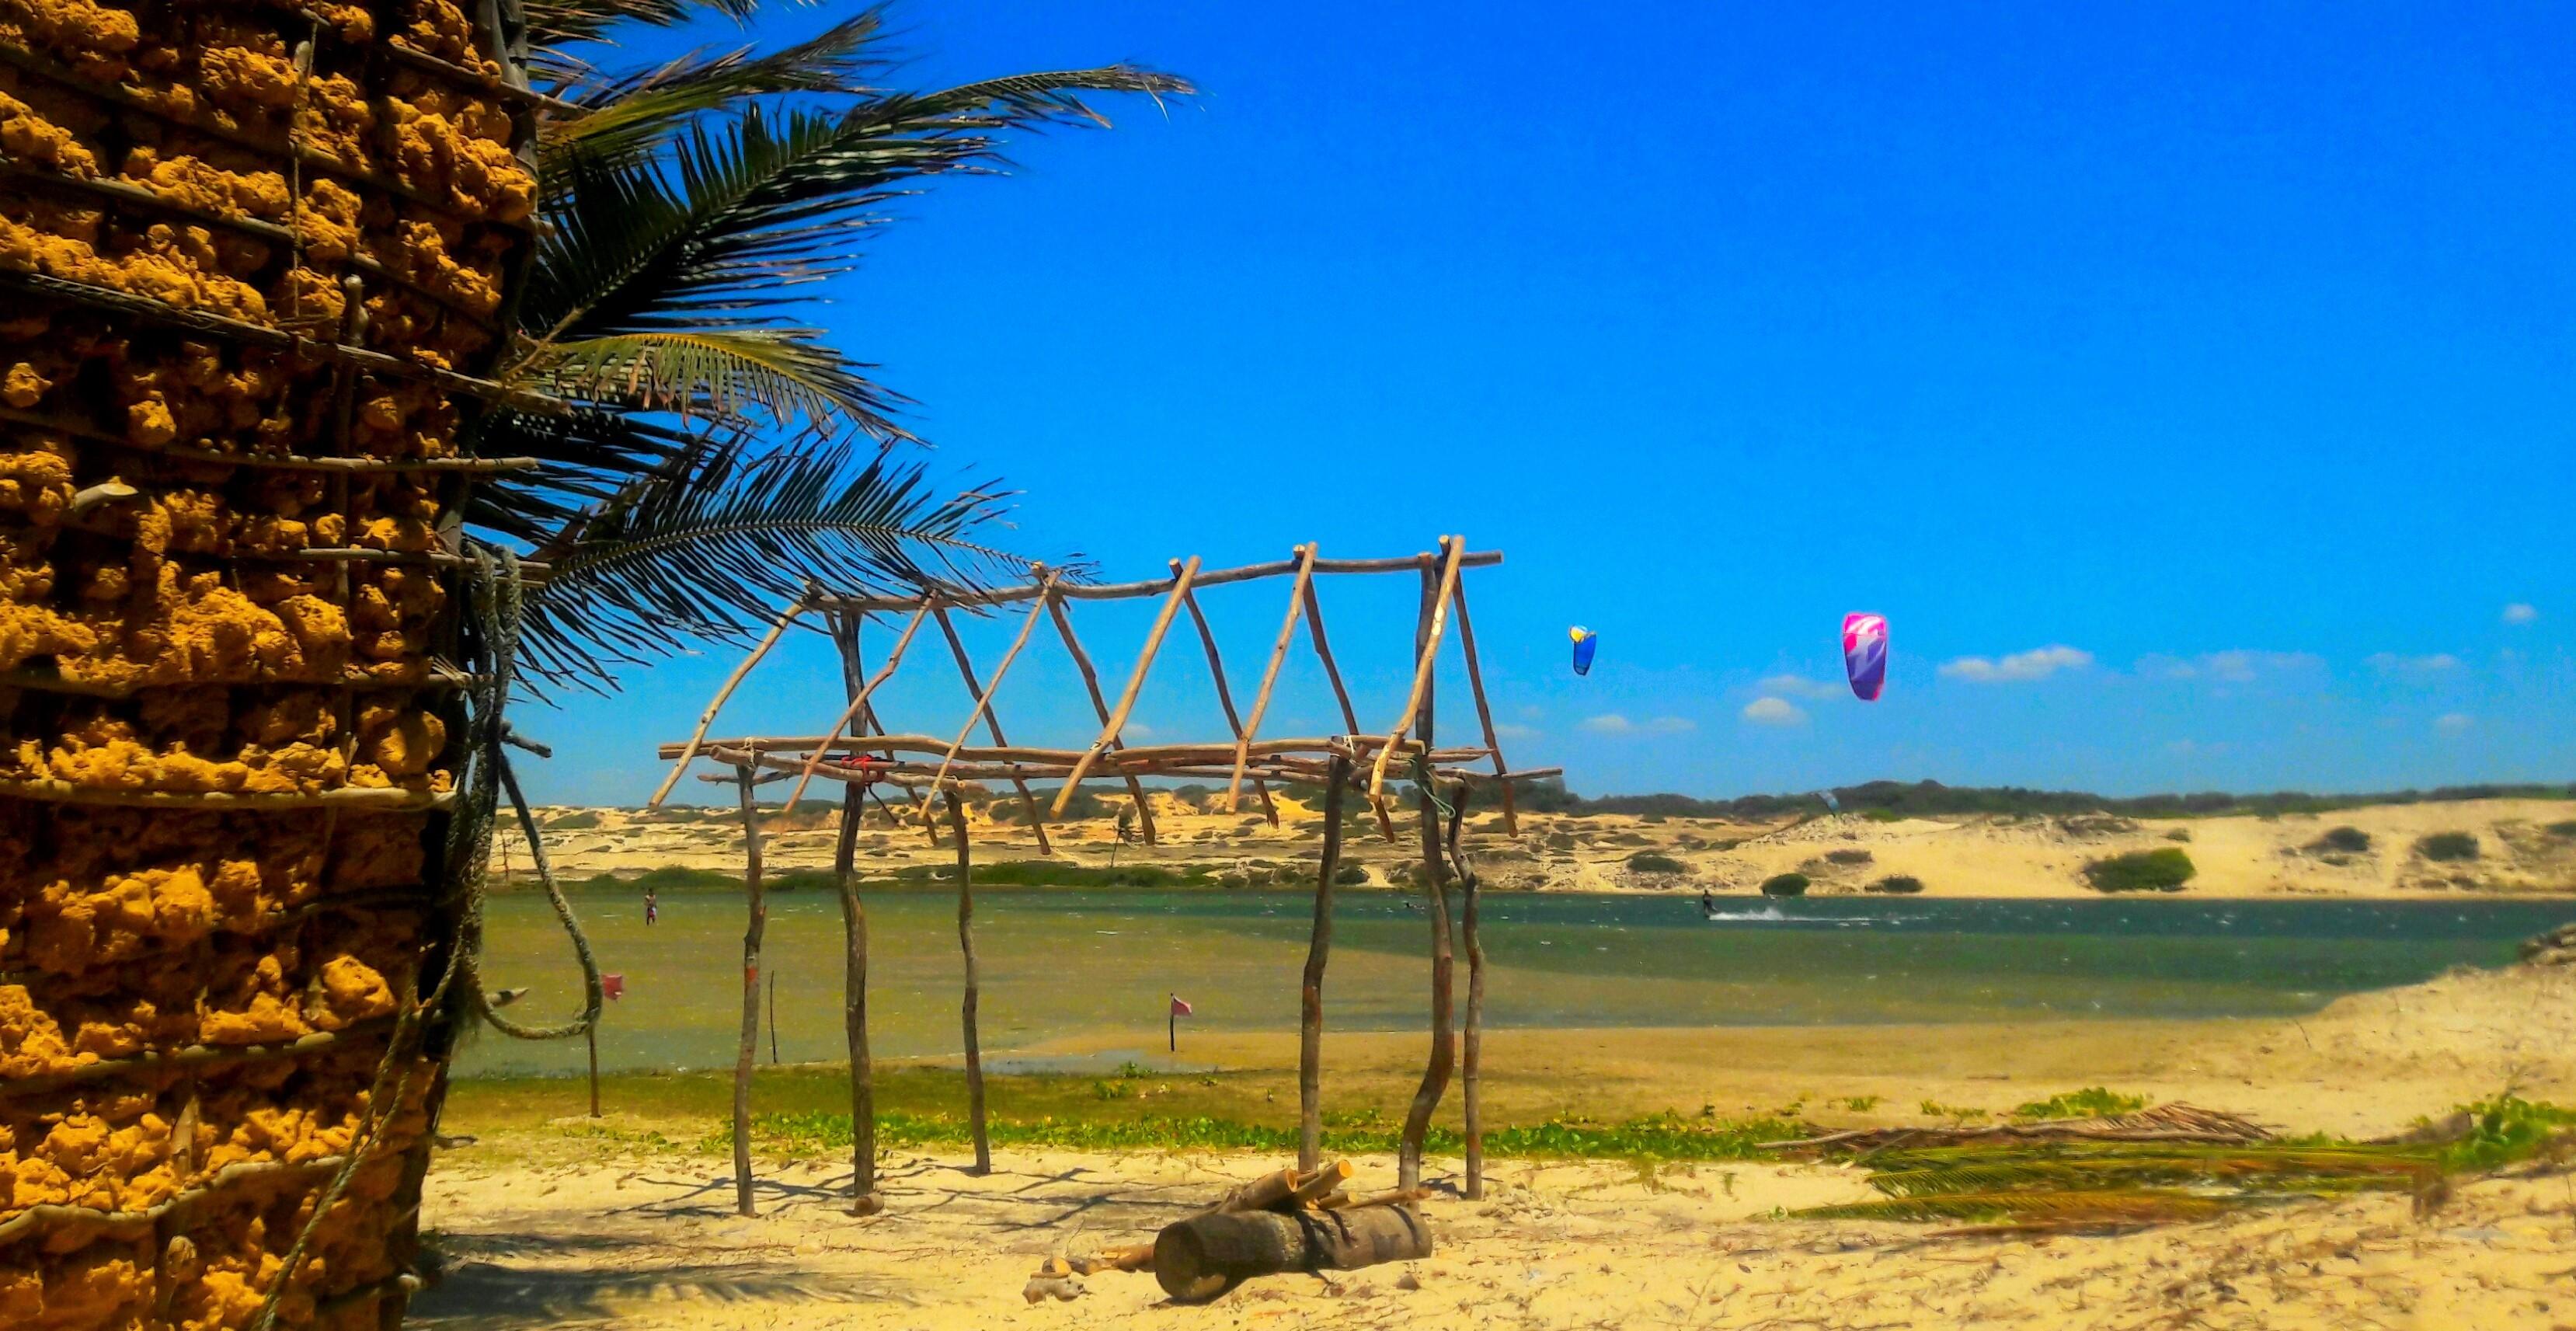 kite on lagoinha